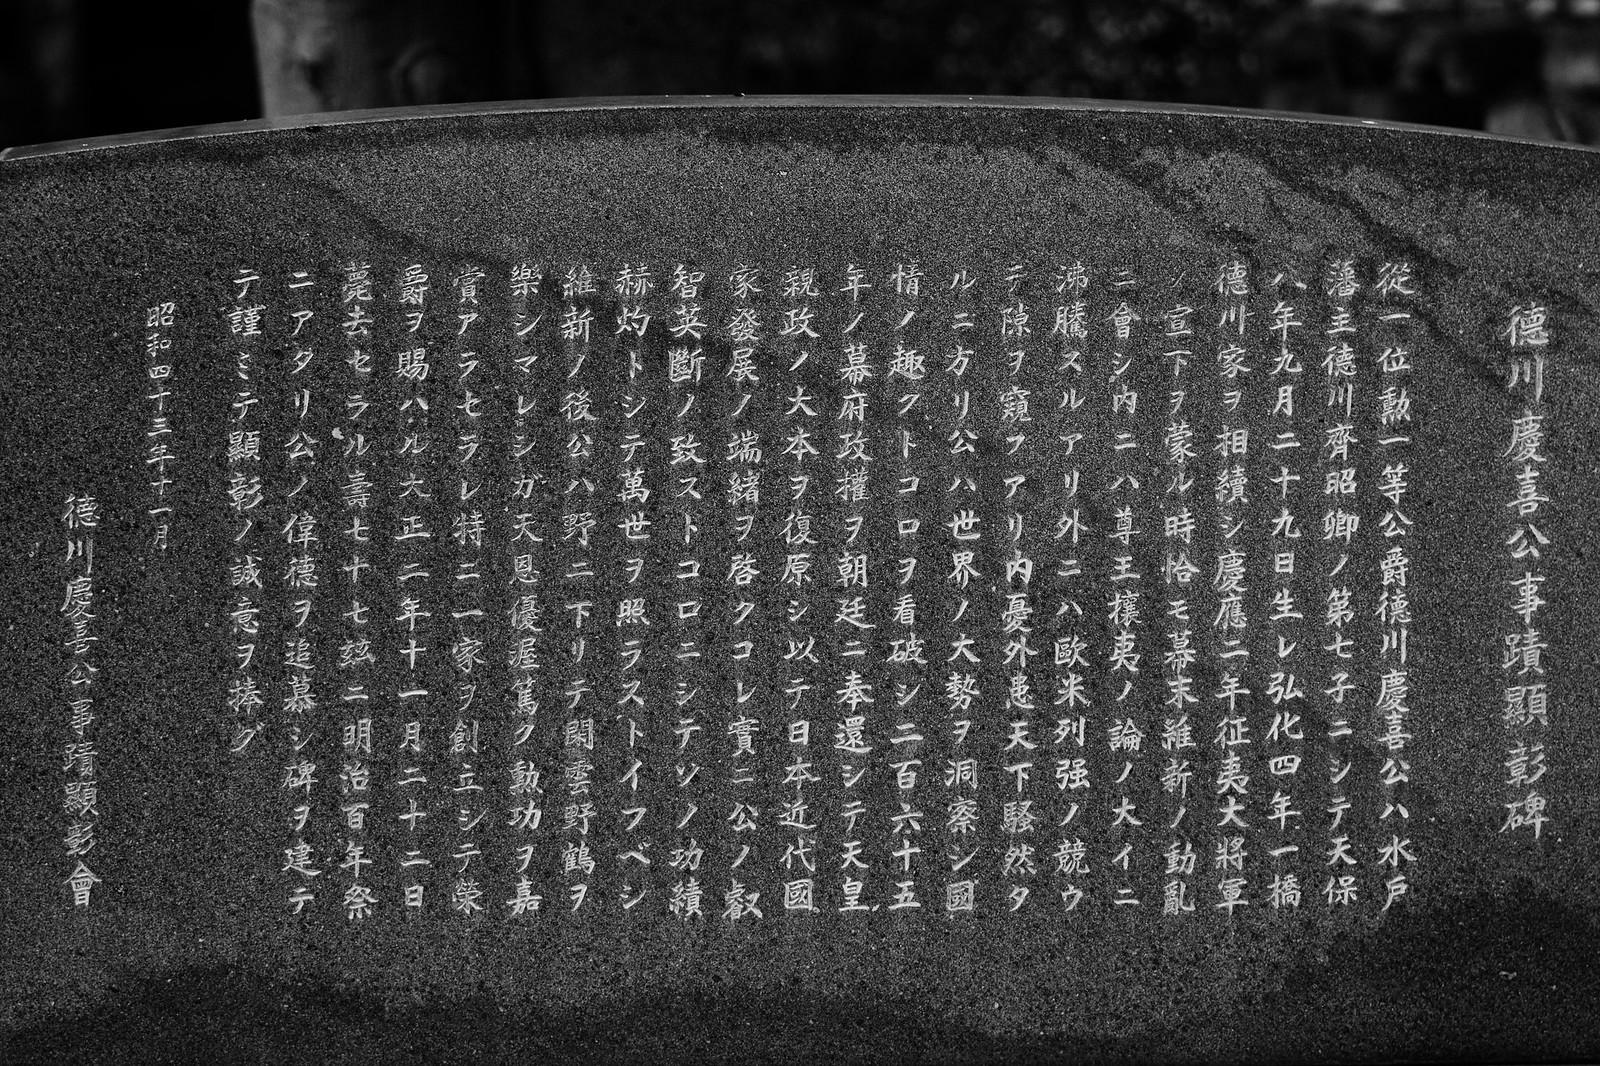 徳川慶喜公 顕彰碑